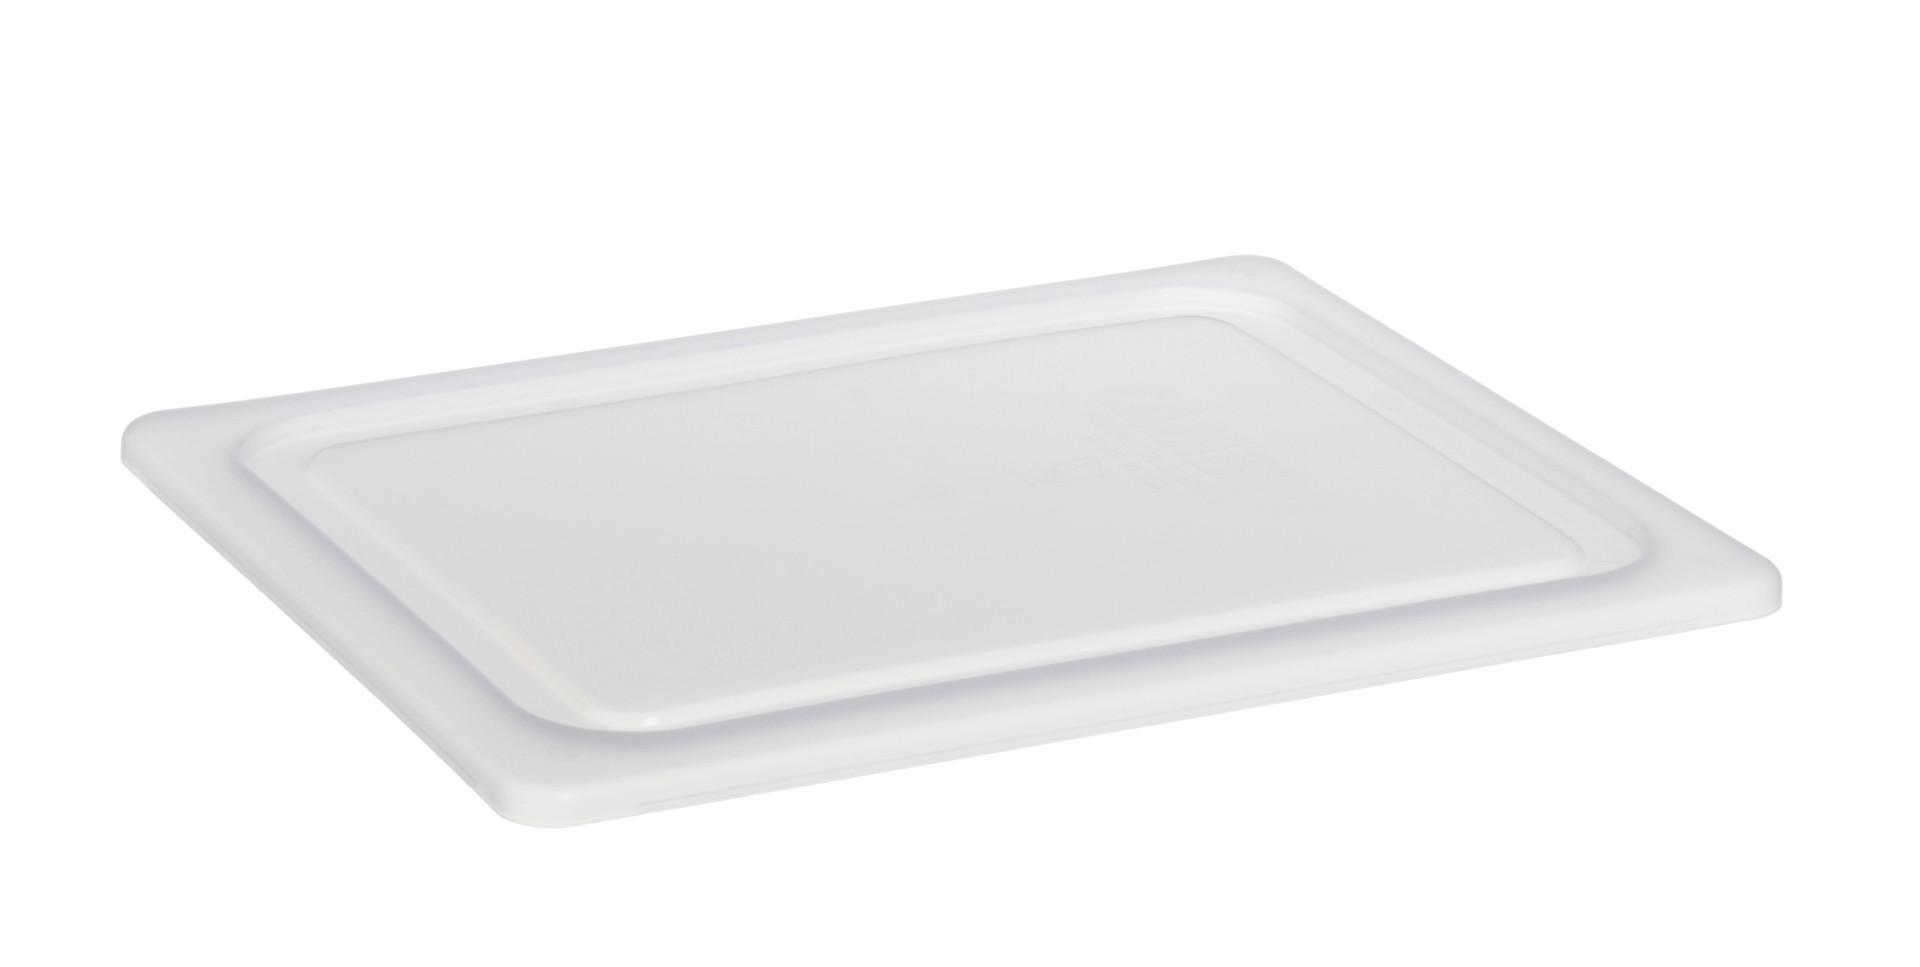 Luftdichter Deckel, GN 1/4, weiß, für Frischhalteboxen + GN-Beh. Polycarbonat